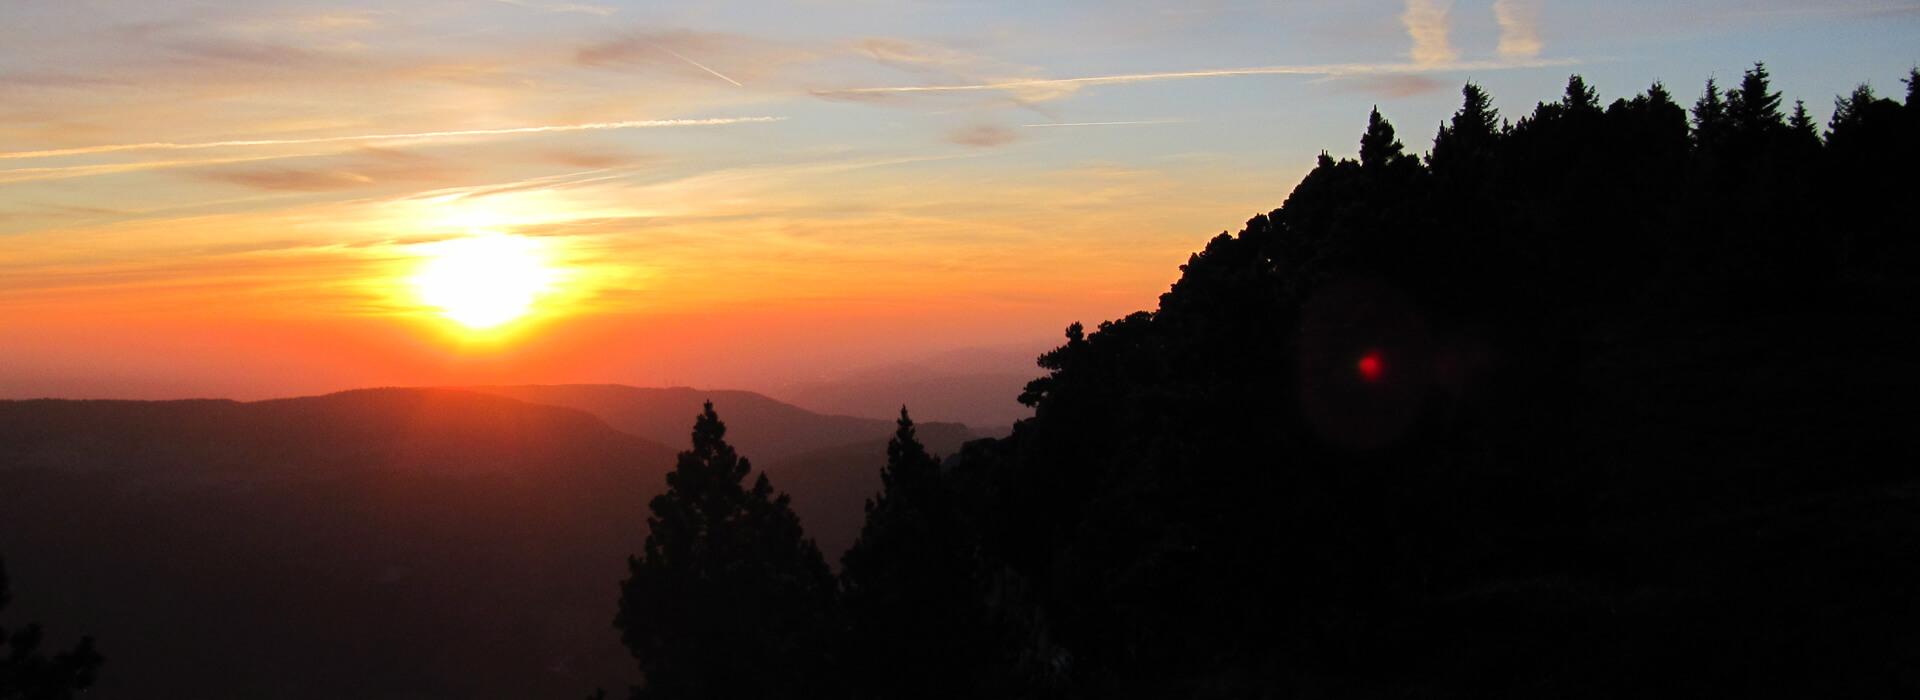 Le soleil : bienfaits, risques, et protections